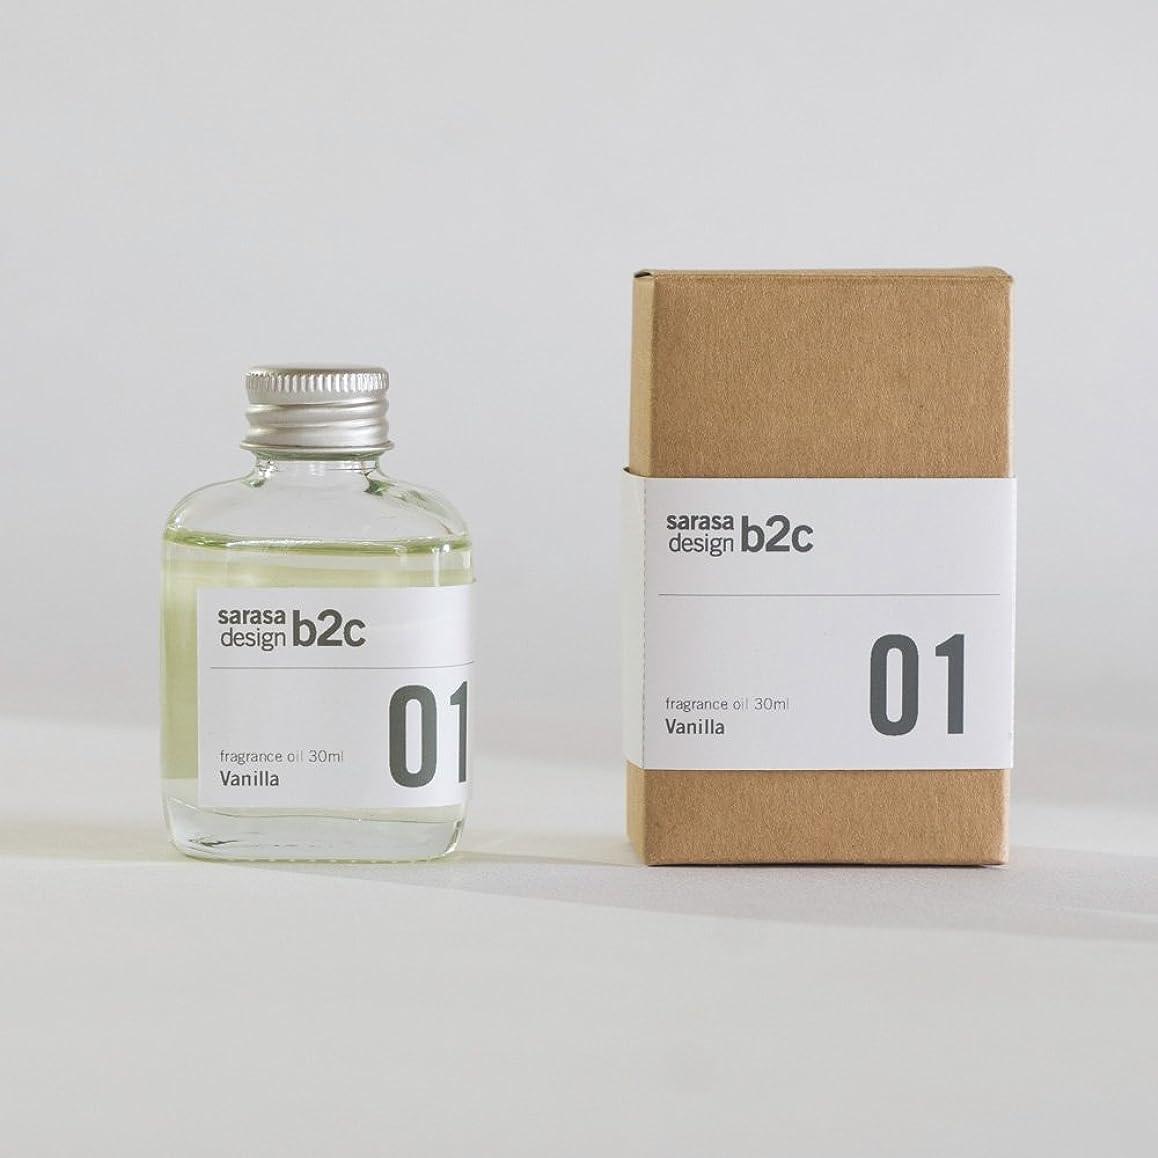 セッション引く息苦しいar035mf/b2c エッセンシャルオイル30ml《マウンテンフォレスト》| 芳香剤 ルームエッセンシャル リードディフューザー アロマ ディフューザー